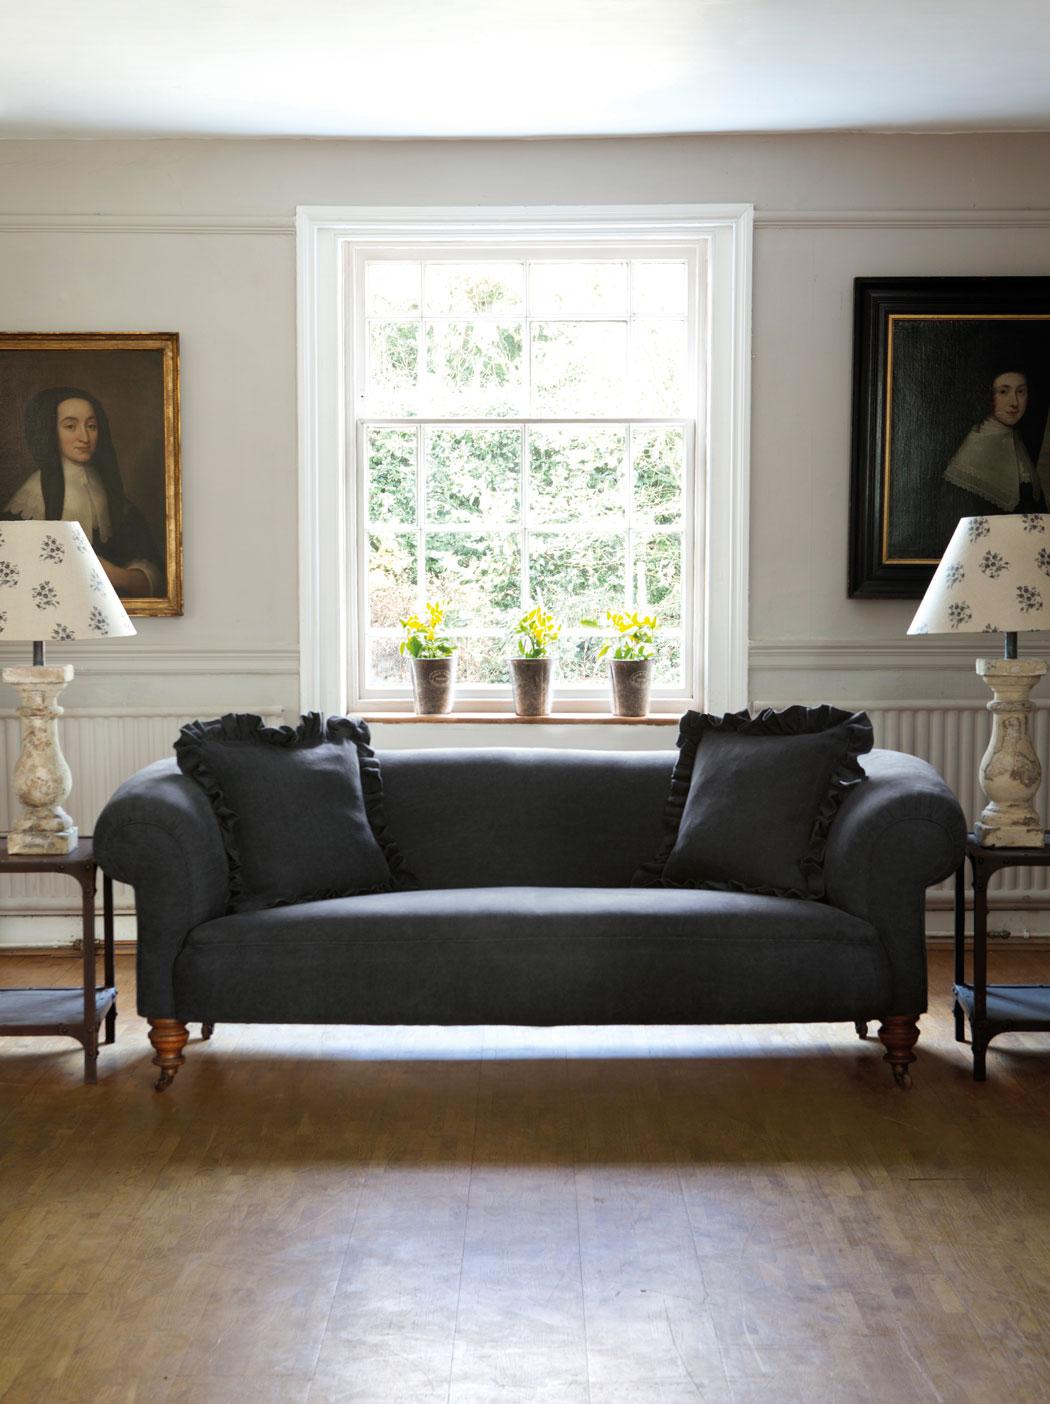 stonewash-charcoal-sofa